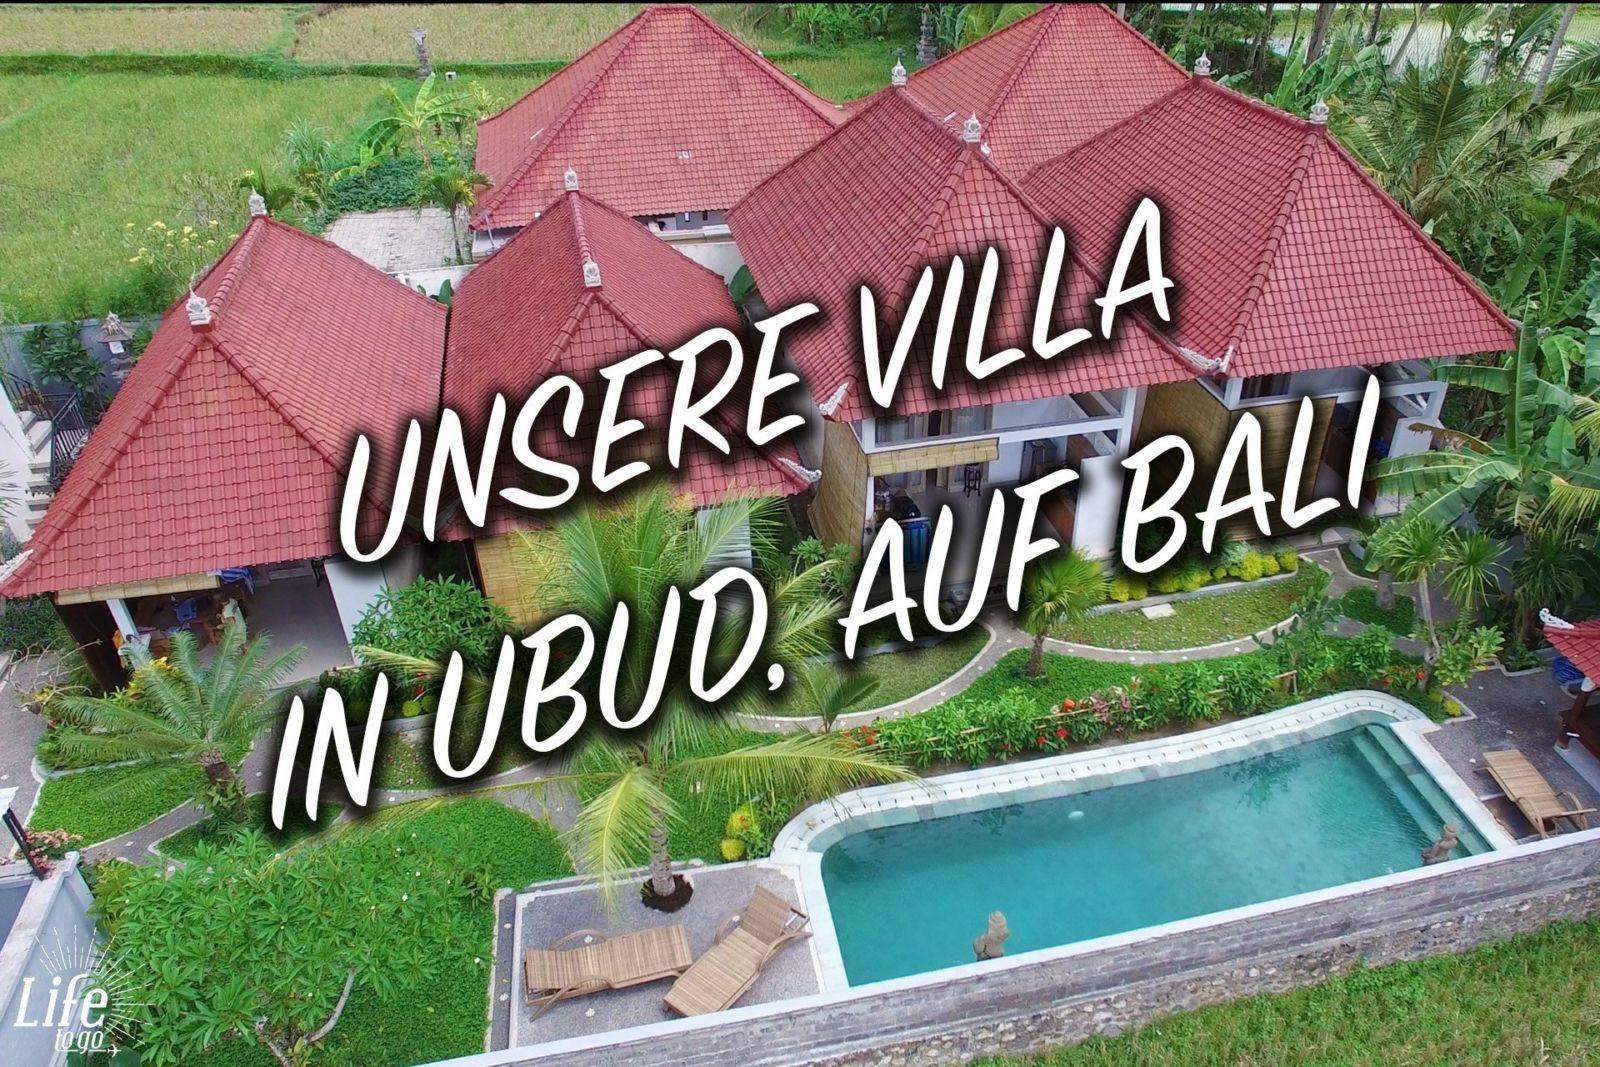 Unsere Unterkunft in Ubud, auf Bali in Indonesien - Die Villa Di Sawah